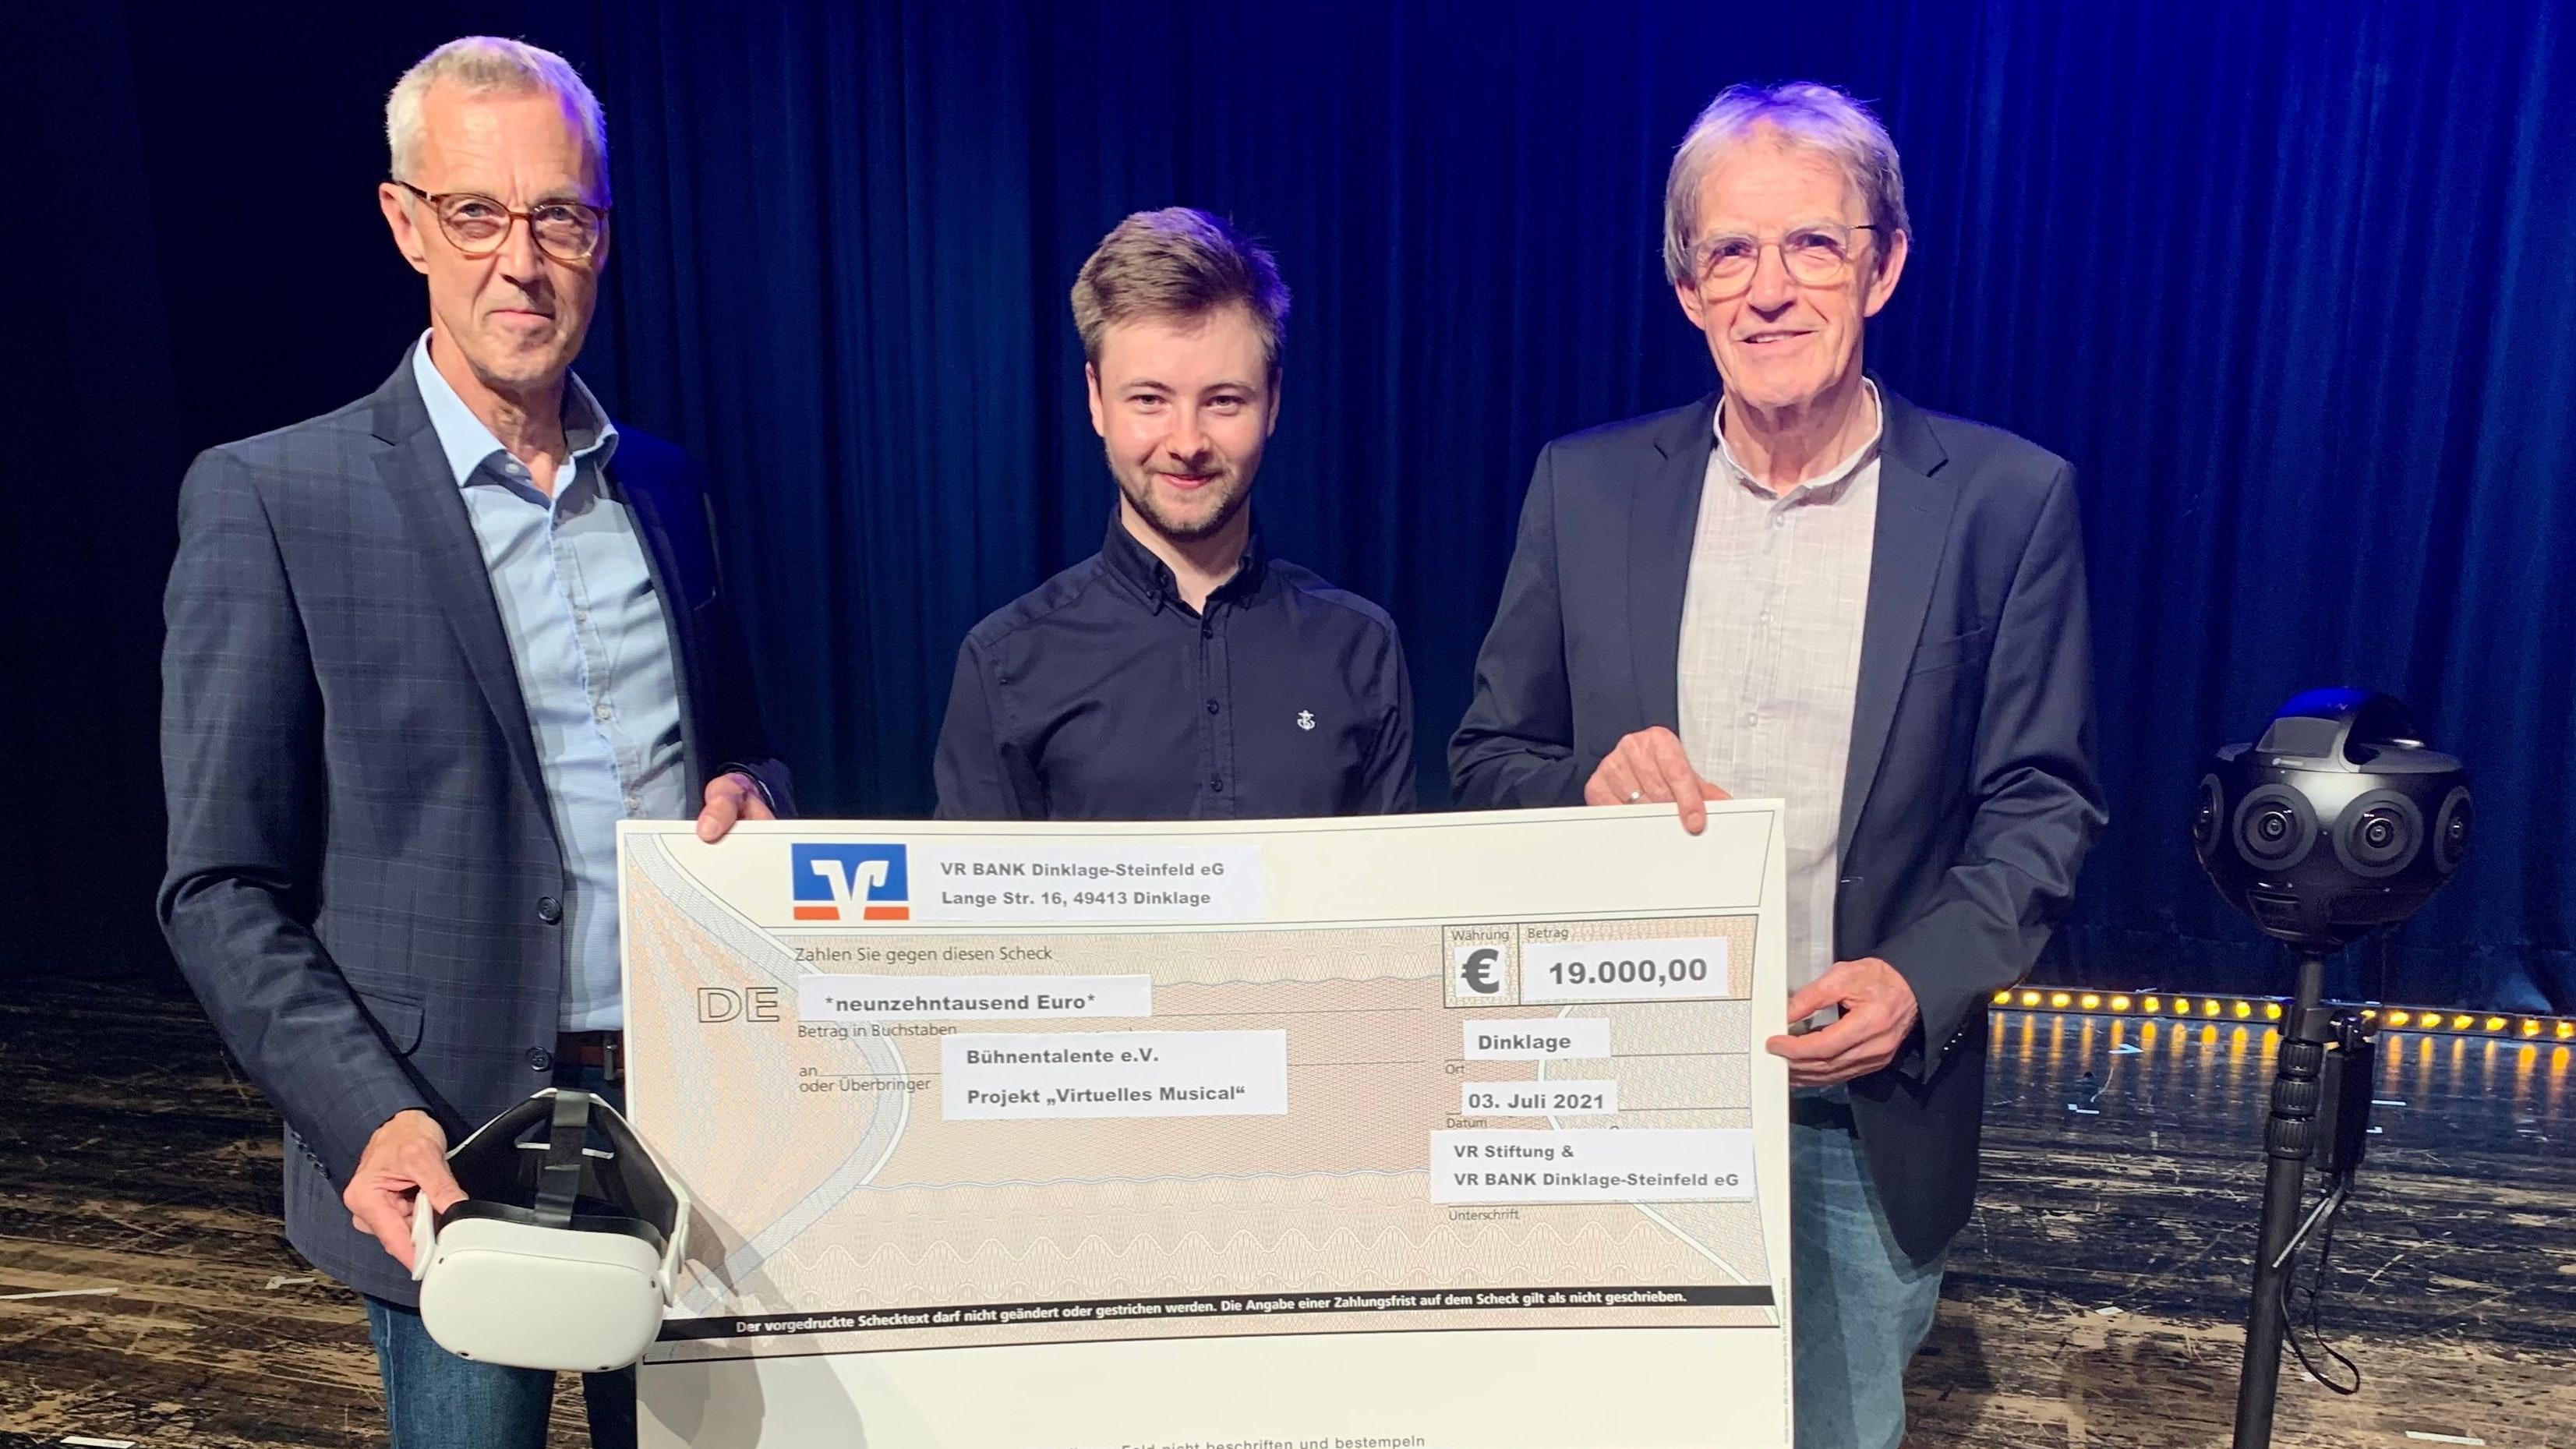 Großzügige Unterstützung: VR-Bank-Vorstand Benno Fangmann (links) übergab Vincent Kaufmann (Mitte) und Werner Fangmann von den Bühnentalenten am Samstag während der Generalprobe einen symbolischen Scheck in Höhe von 19.000 Euro. Foto: Stilkenböhmer